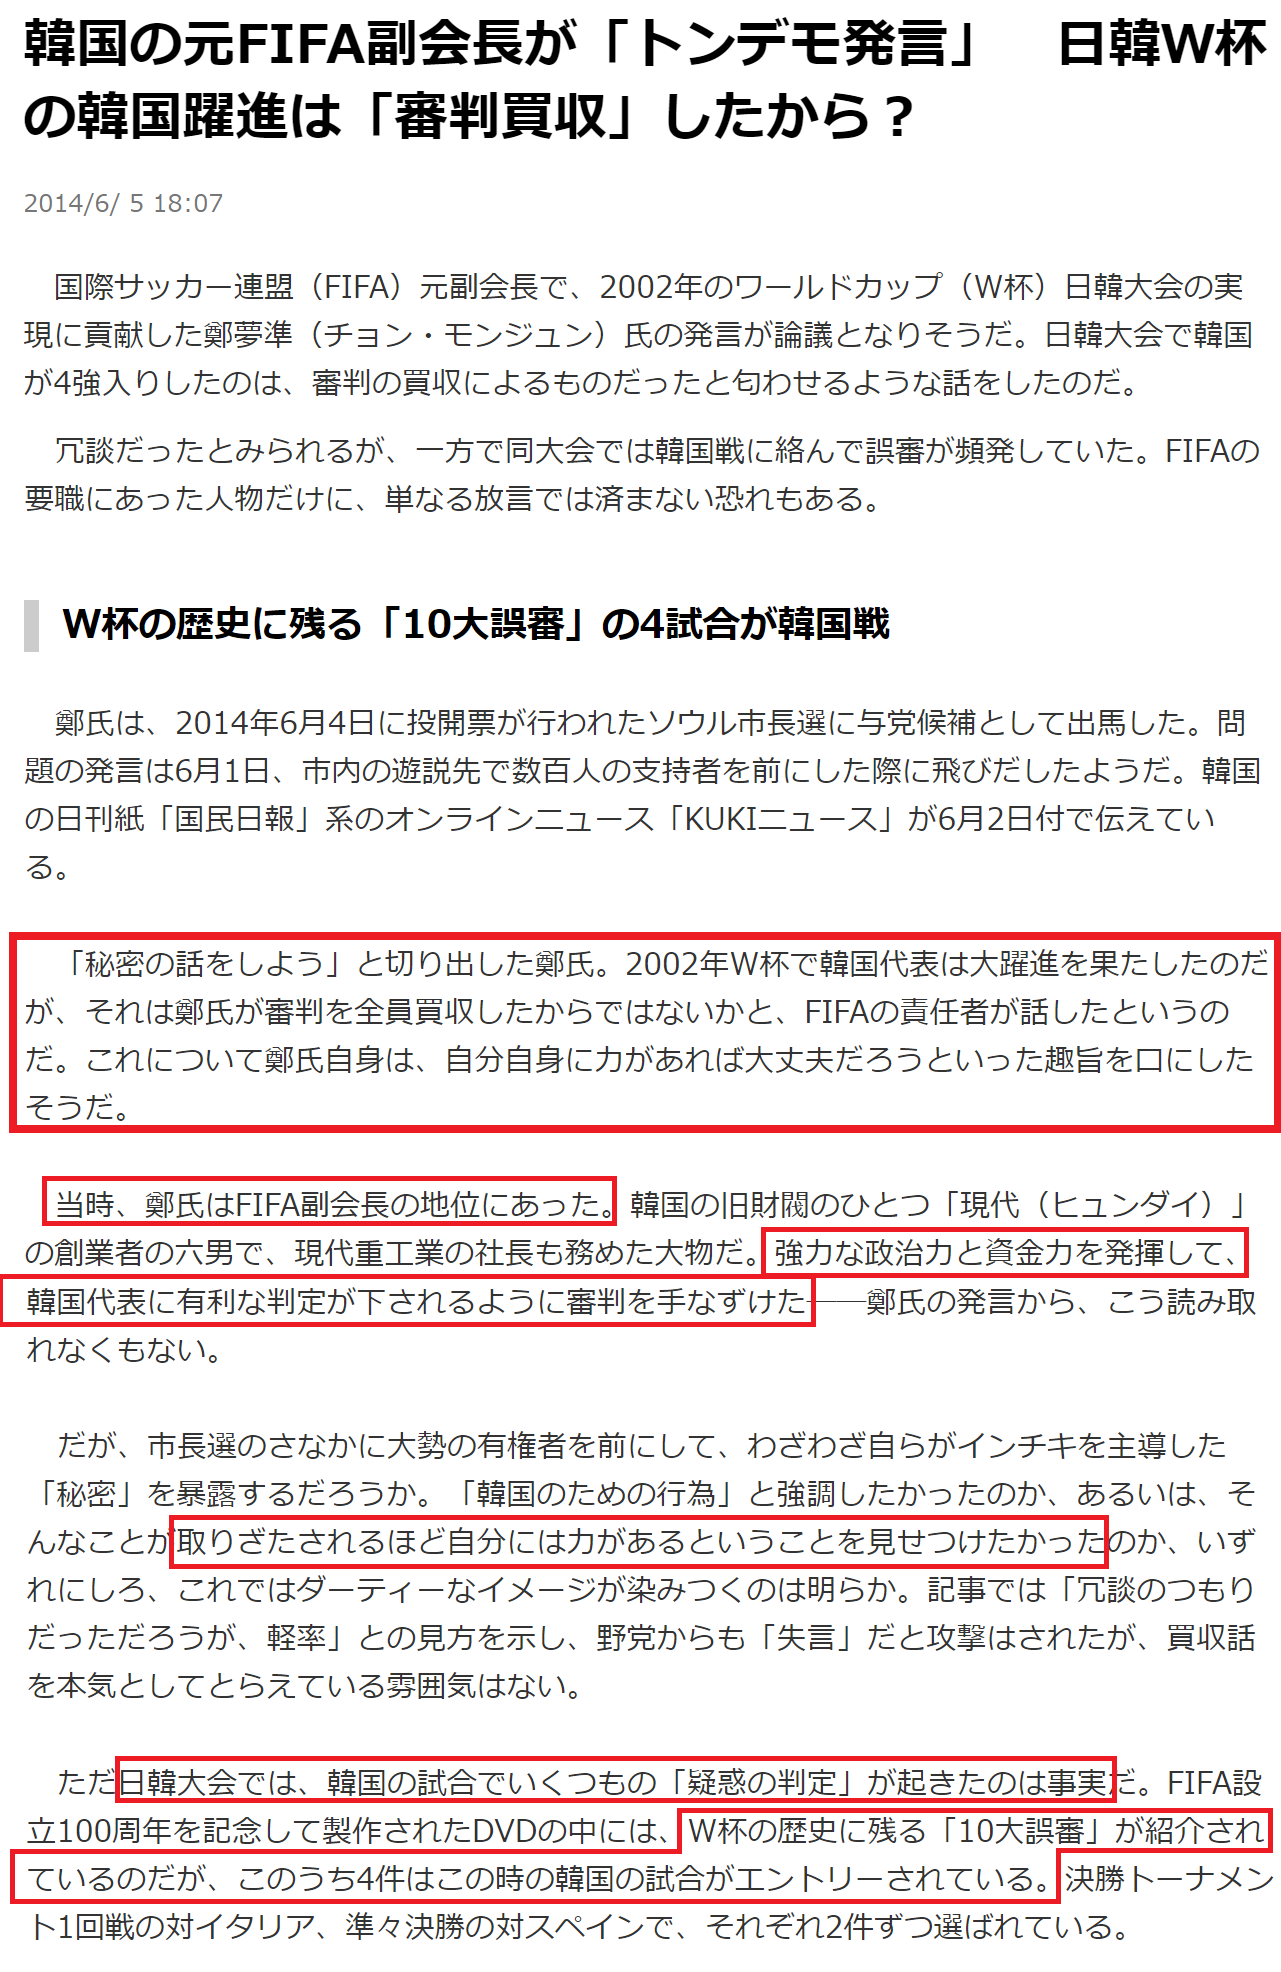 元FIFA副会長鄭夢準が暴露「2002WCチョン国大躍進は審判買収したから」